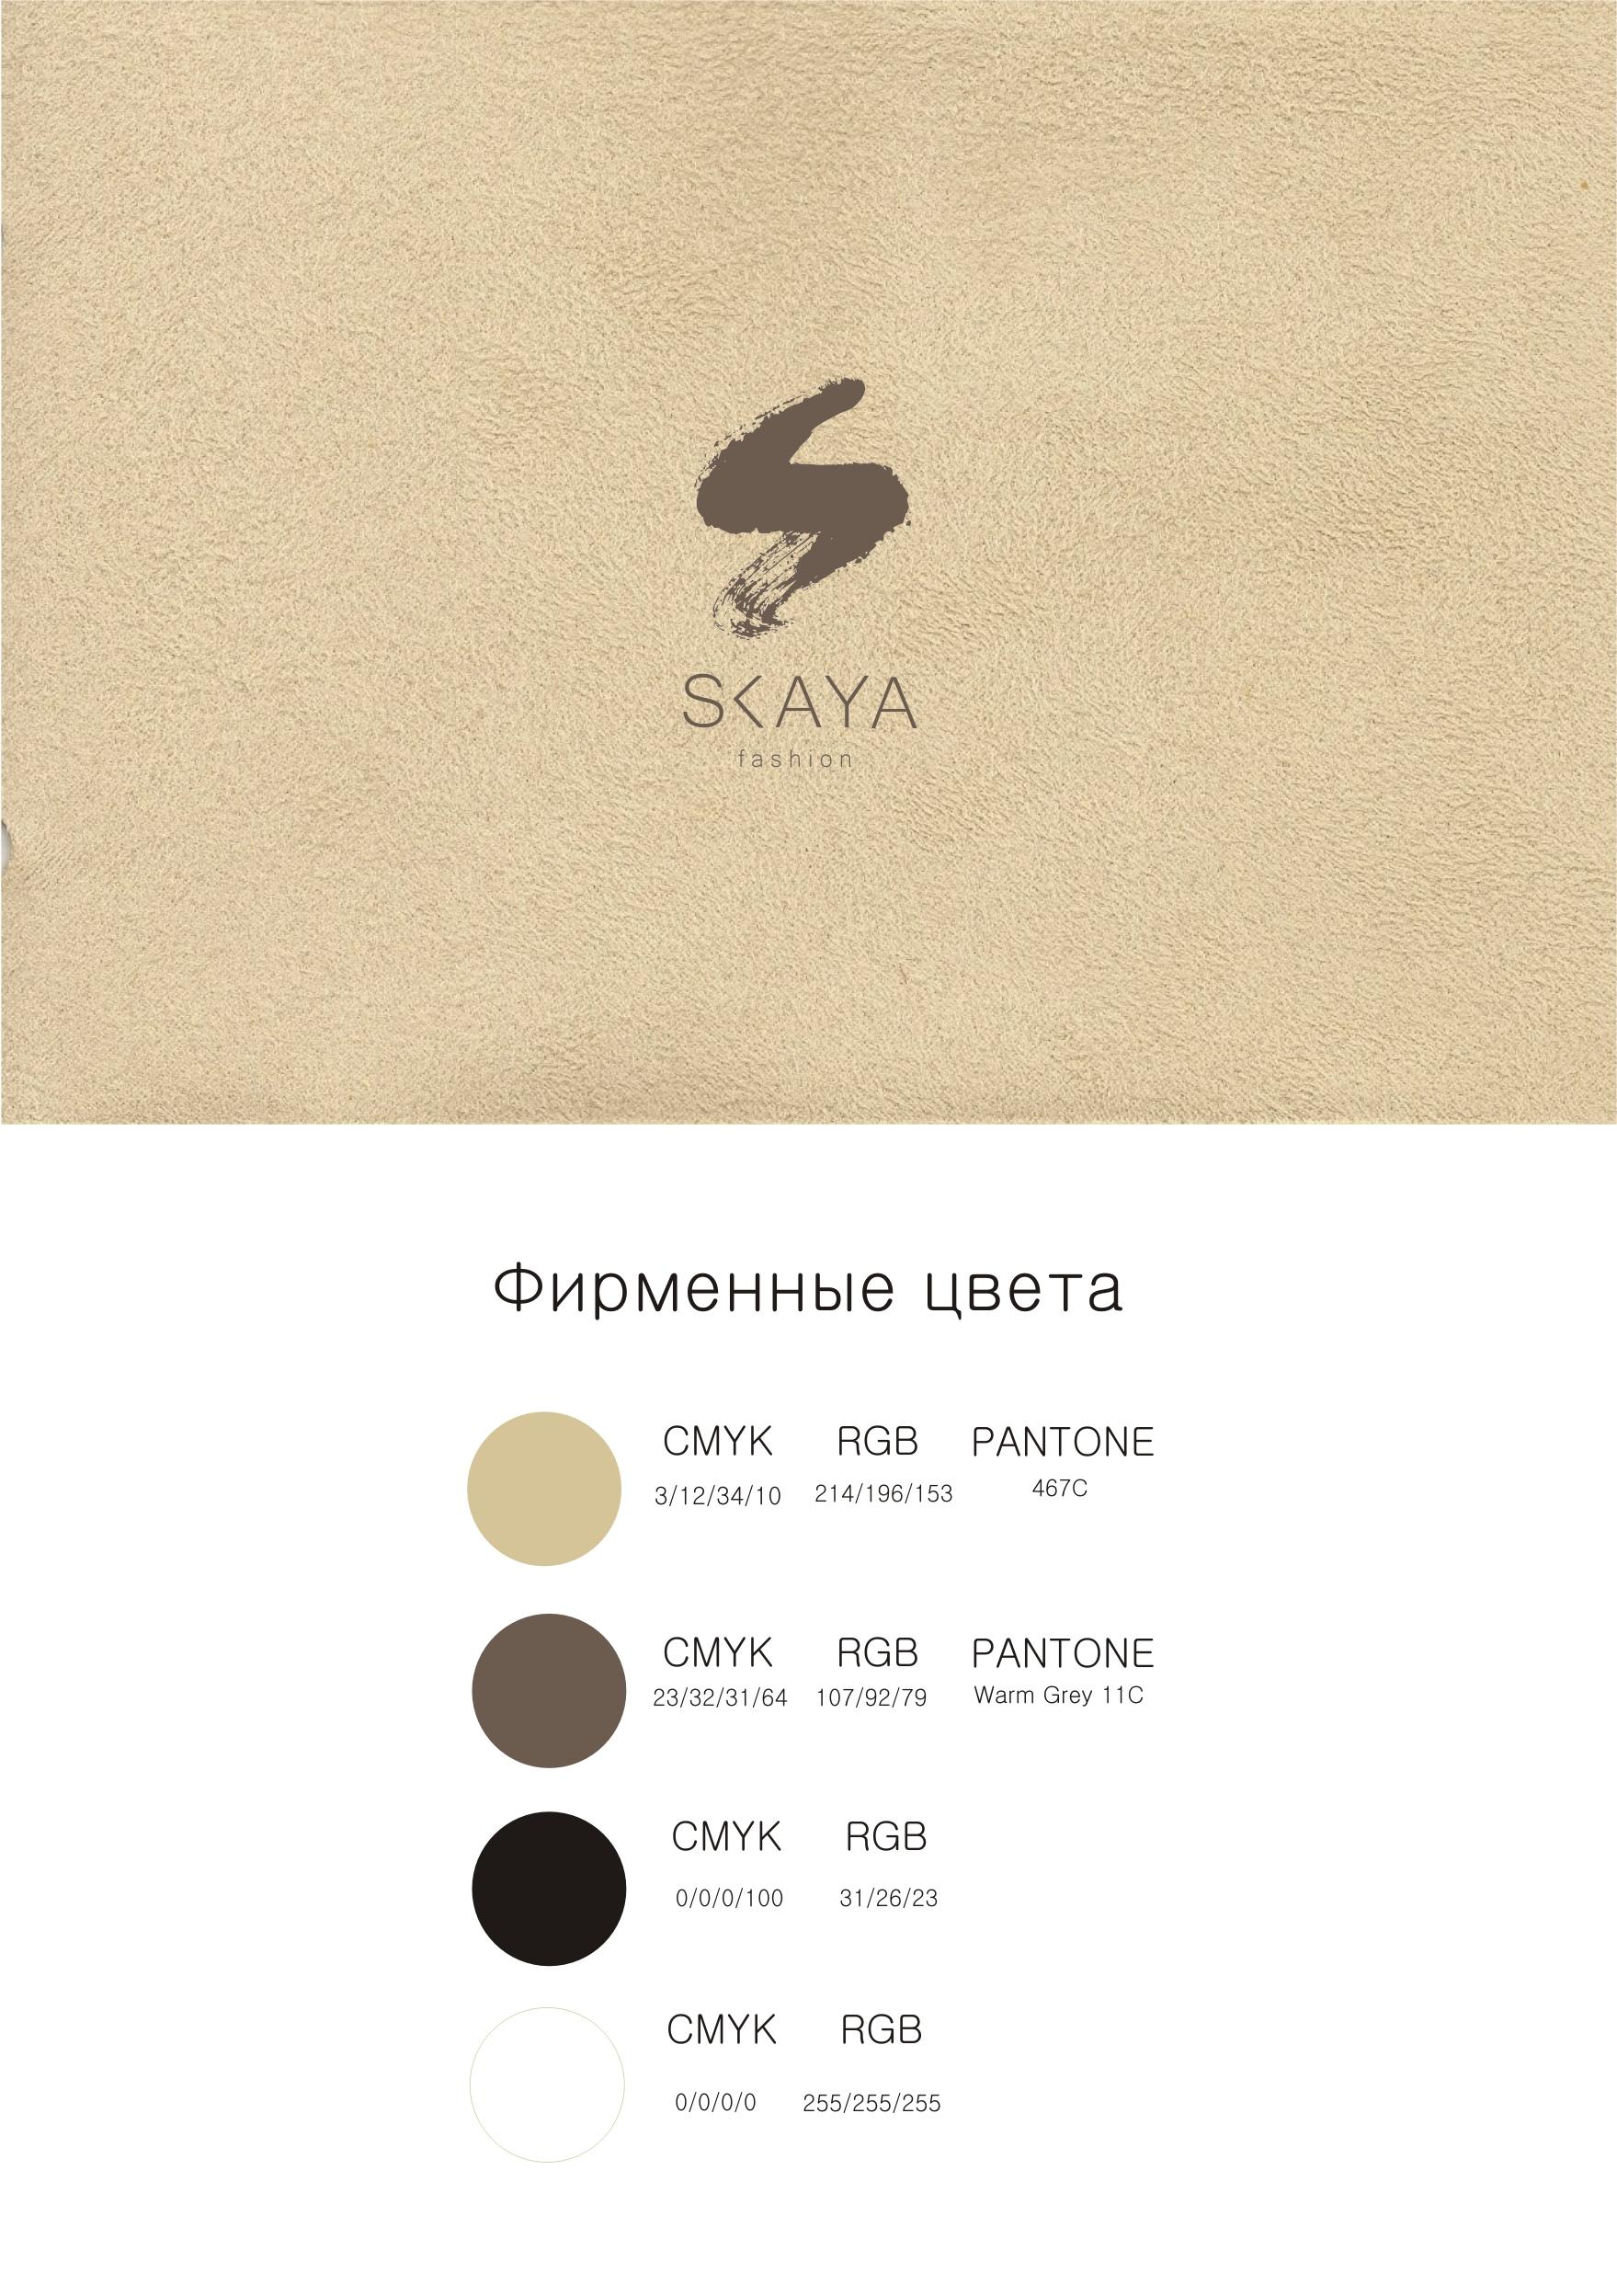 Логотип SKAYA (дизайнер одежды)